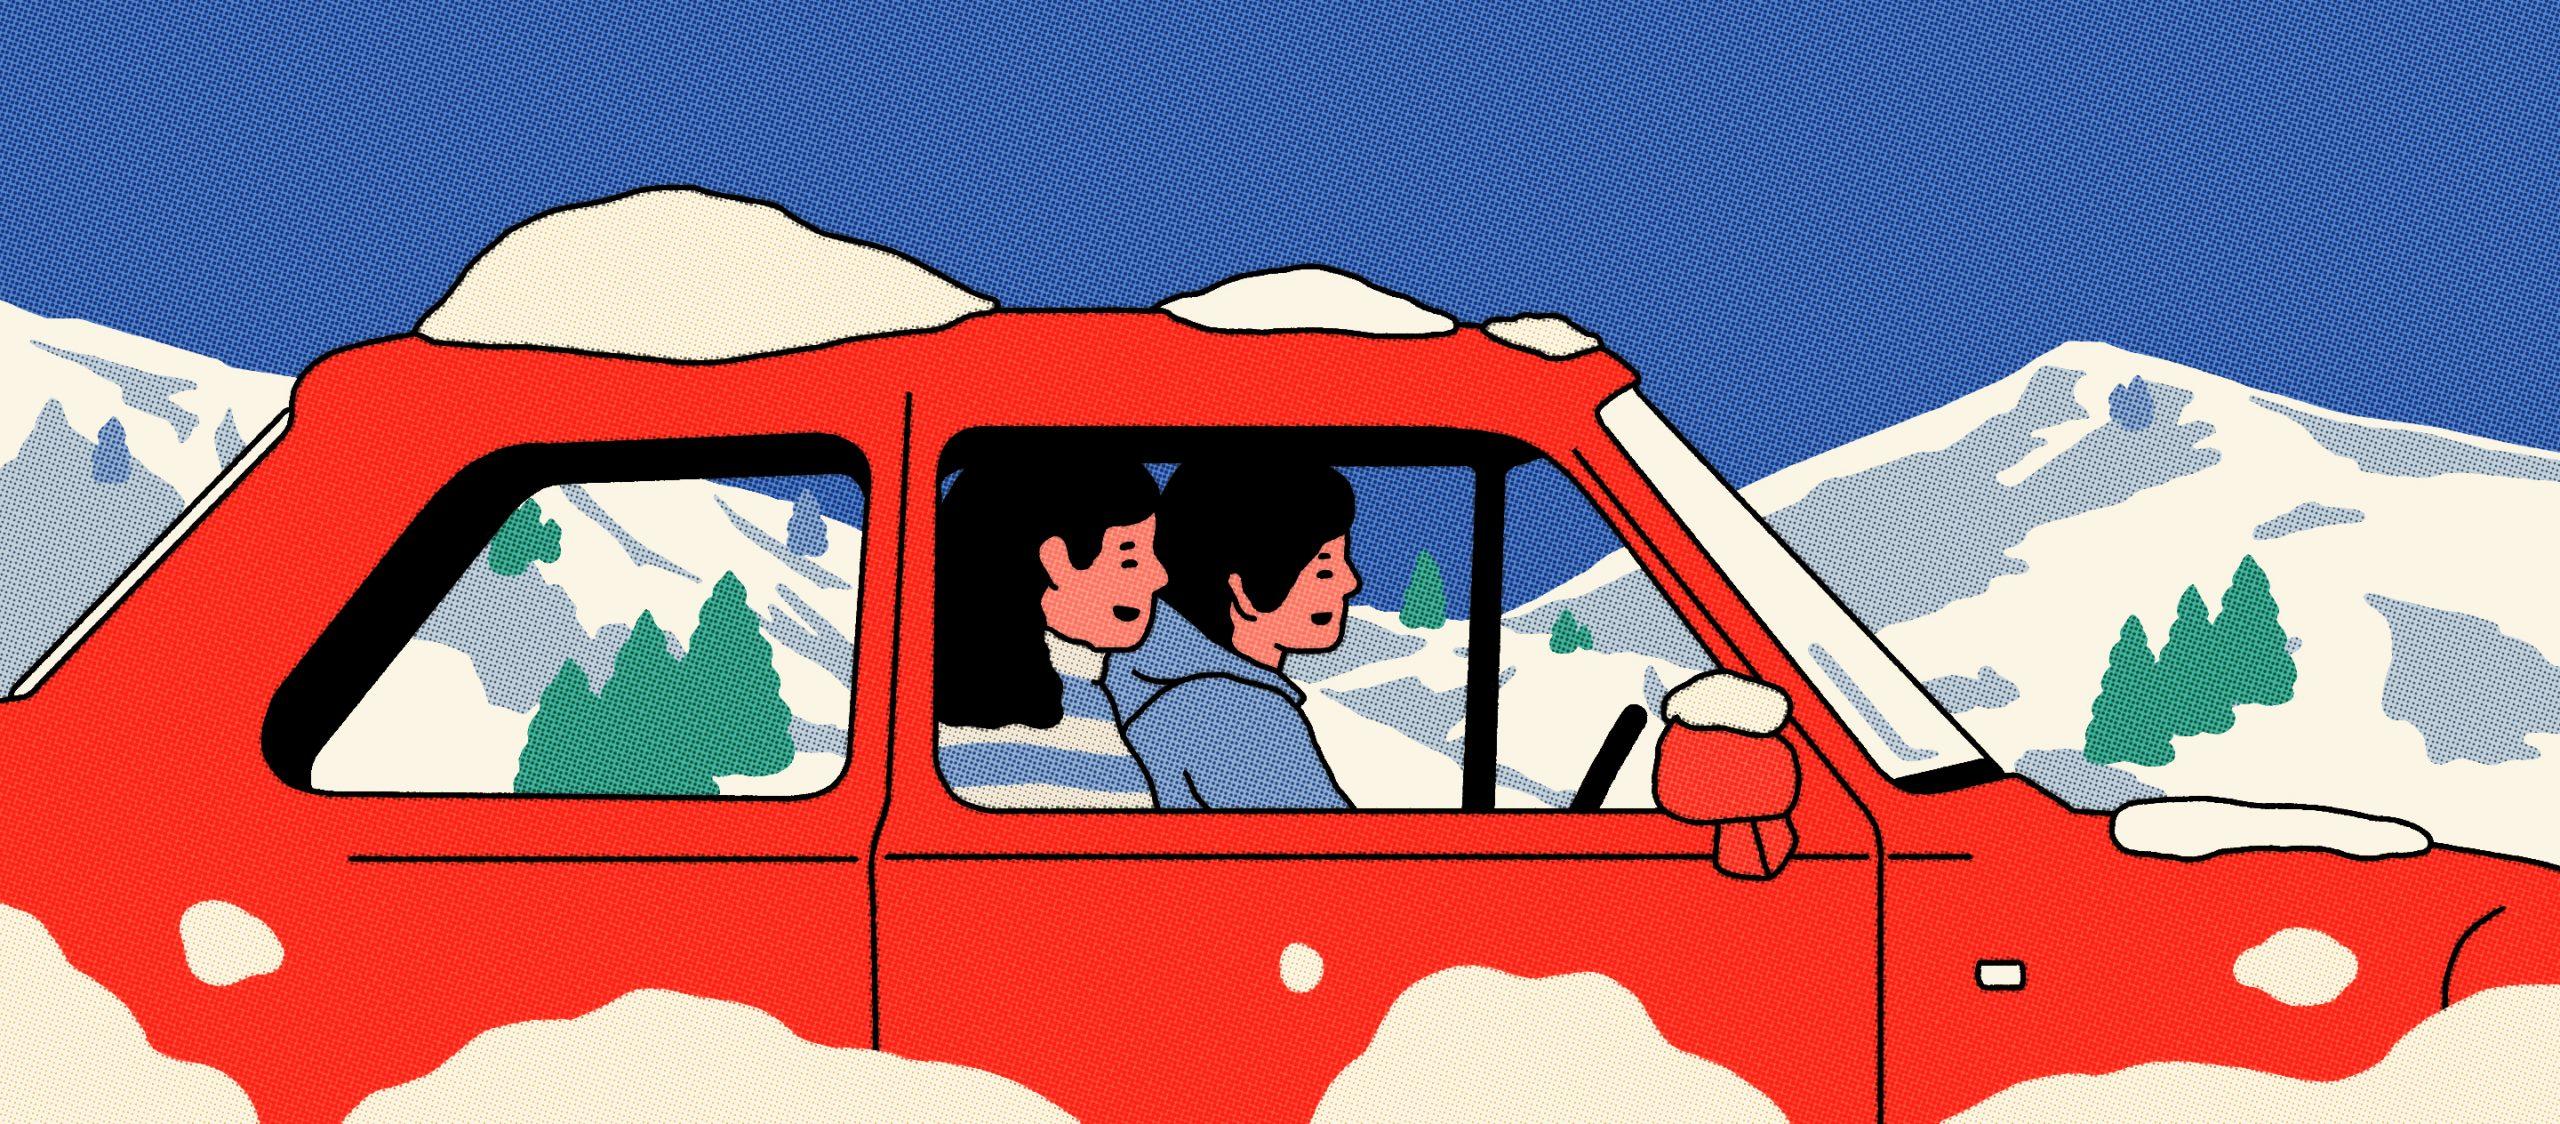 ขึ้นเขาไปสูดอากาศหนาว ดู 'หิมะไต้หวัน' ของดีที่แม้แต่คนไต้หวันบางคนก็ยังไม่เคยดู